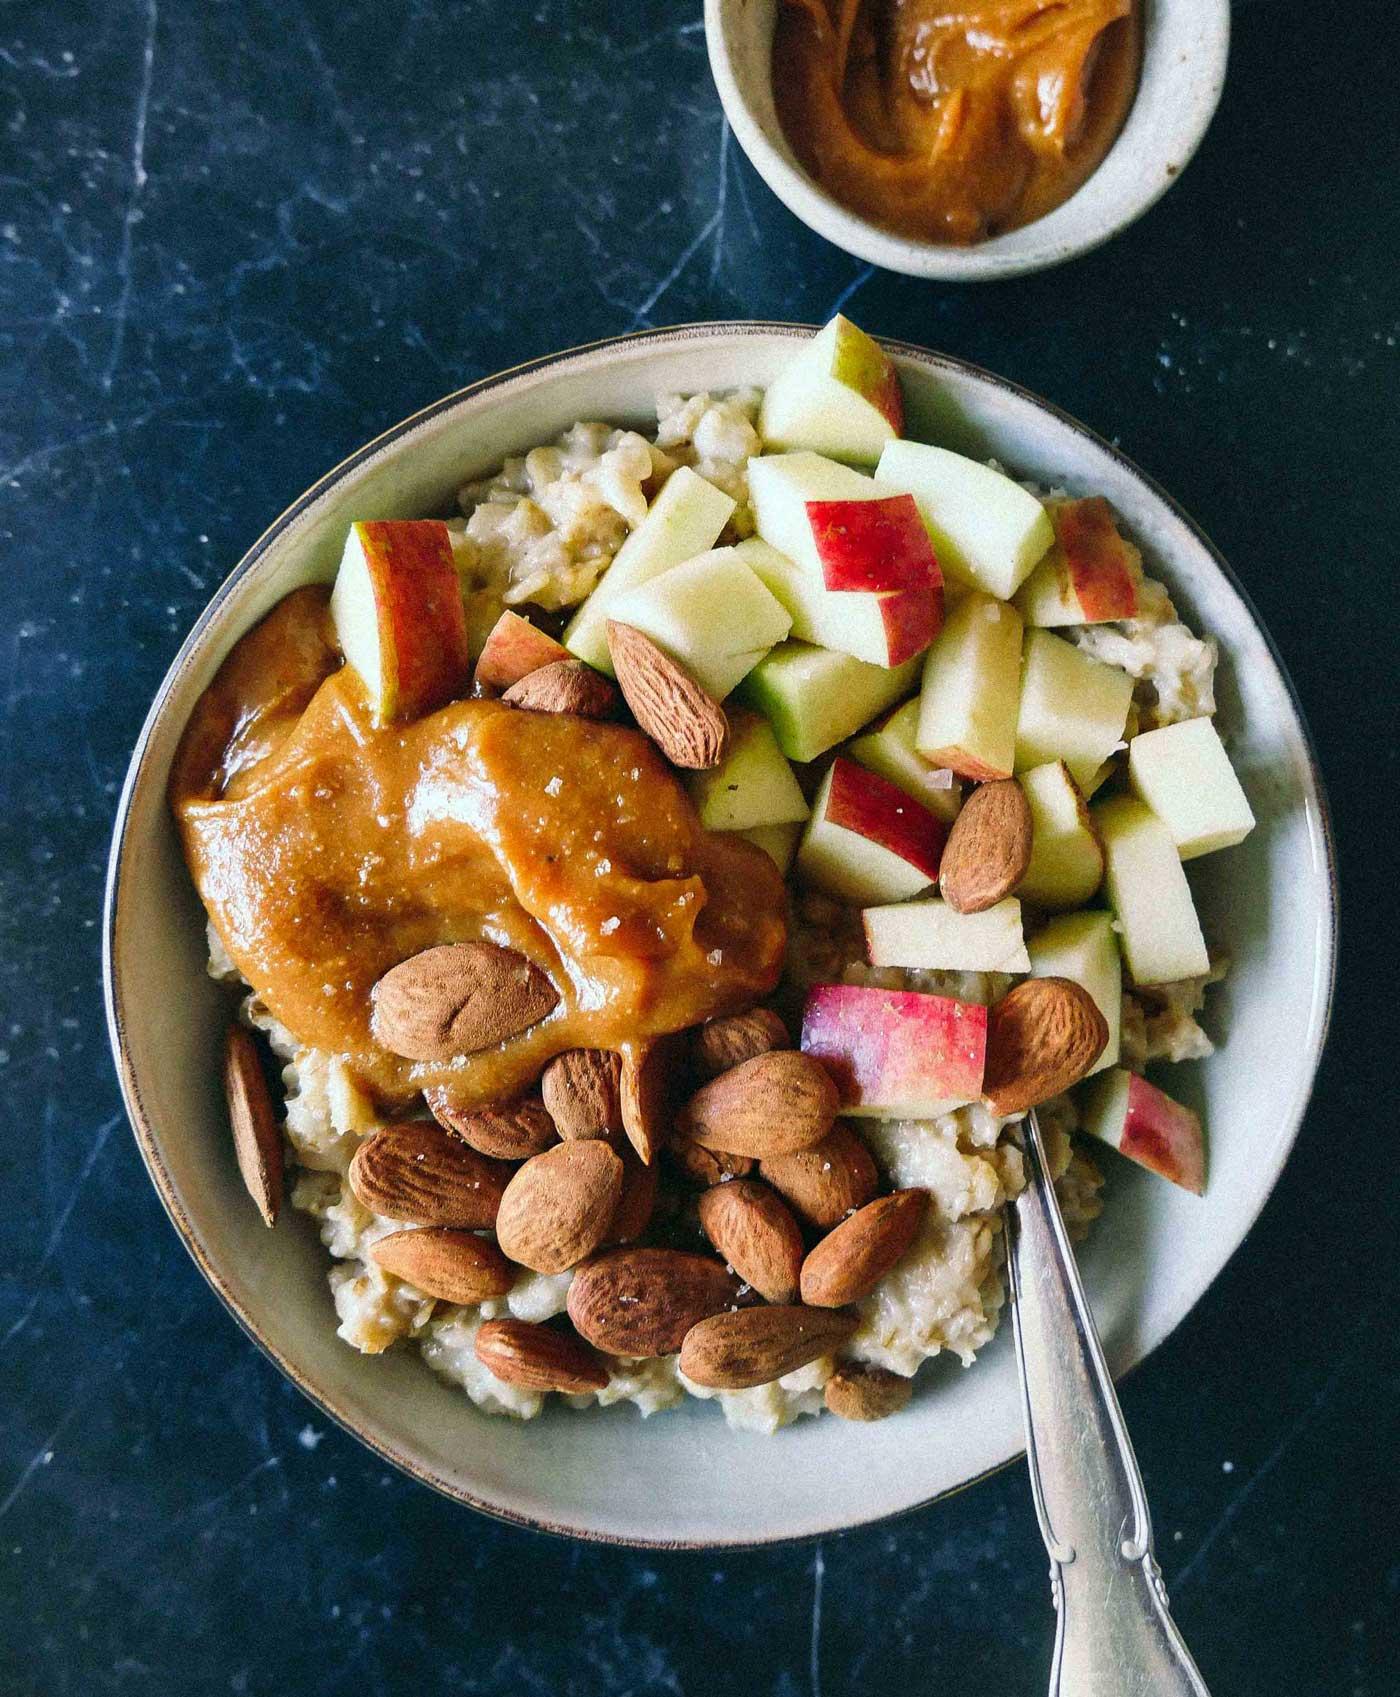 havregrød med karamel og æble